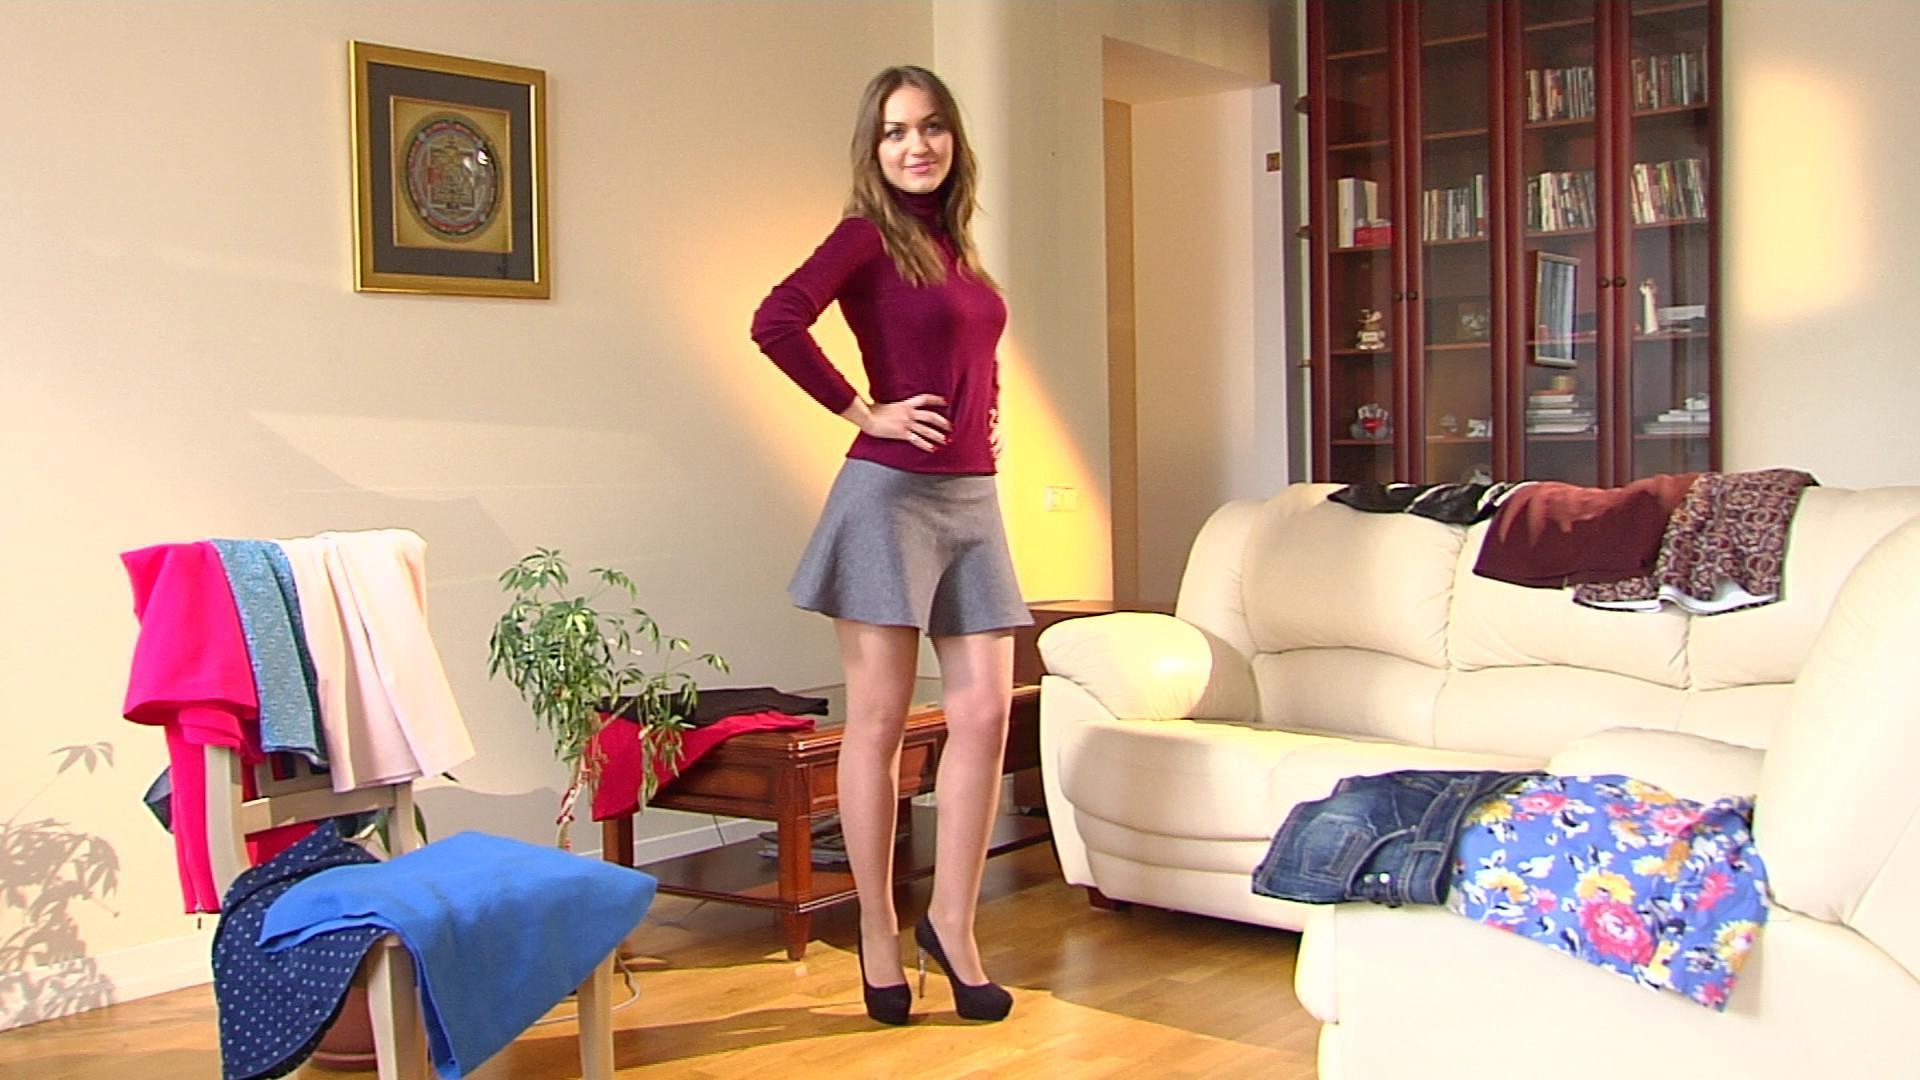 Мини юбка в лифте рассказ фото 340-139